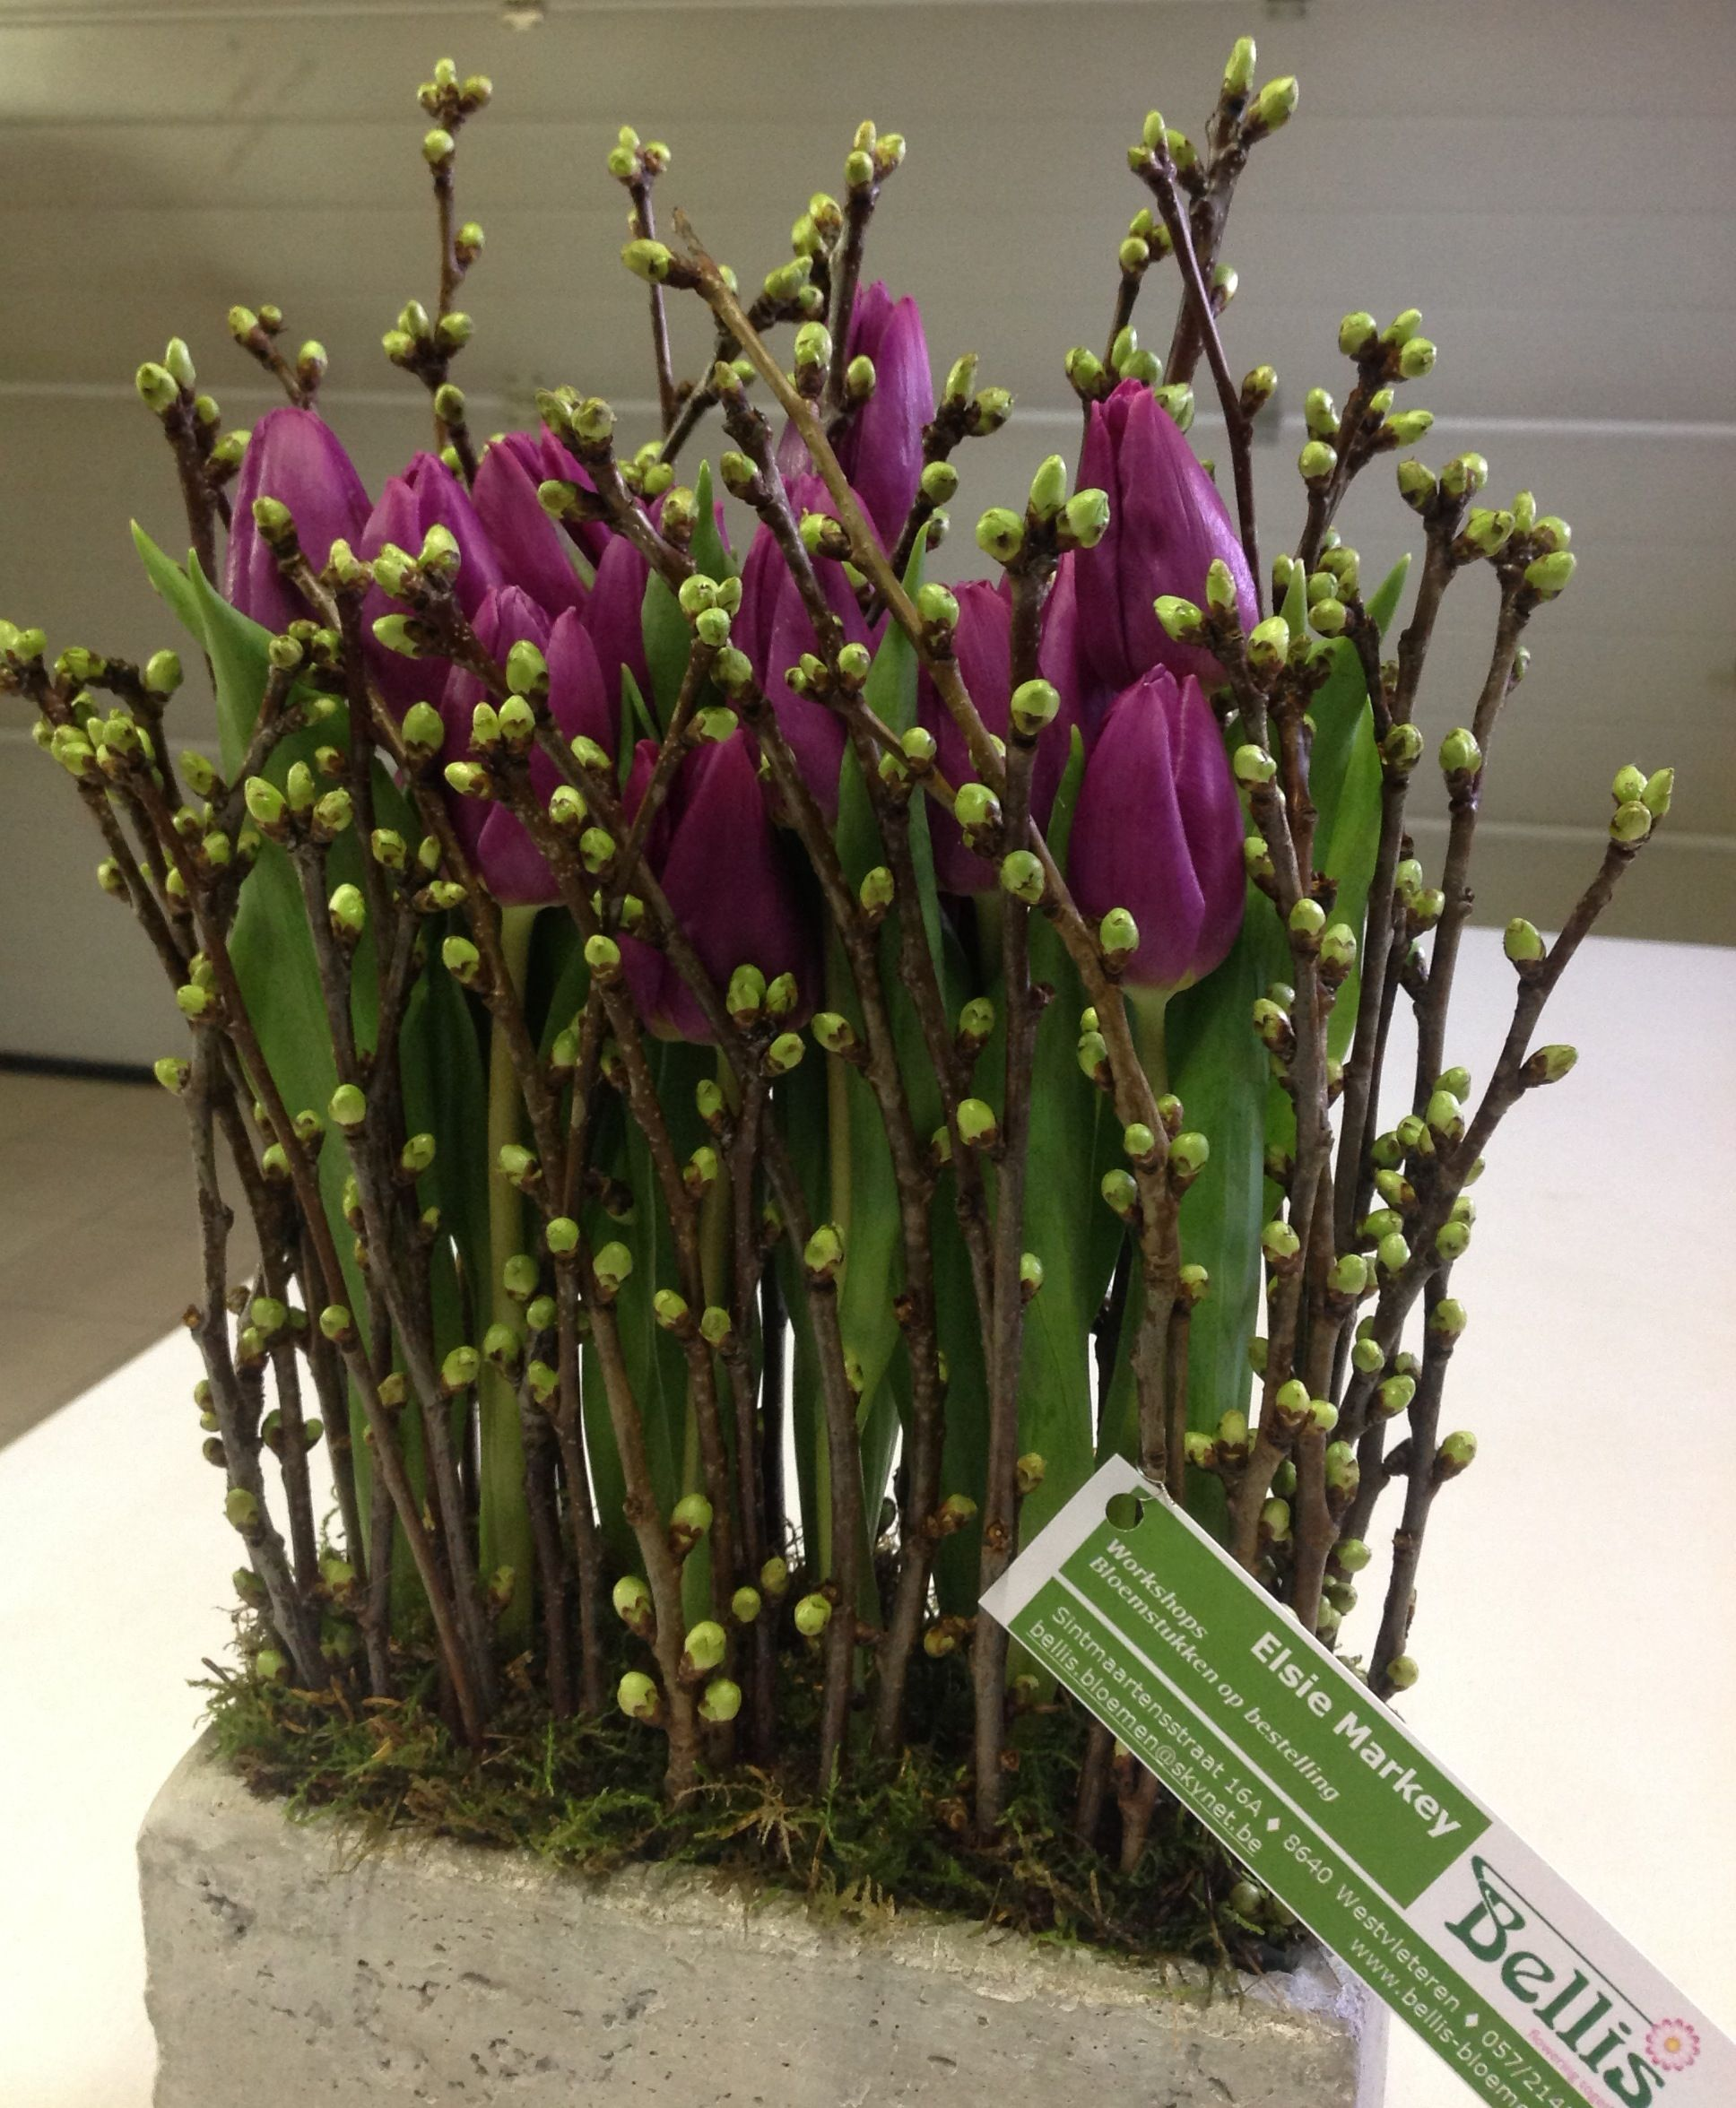 tulpen und gr ne zweige auf dem tisch wohnidee dekoration dekoration im fr hling pinterest. Black Bedroom Furniture Sets. Home Design Ideas